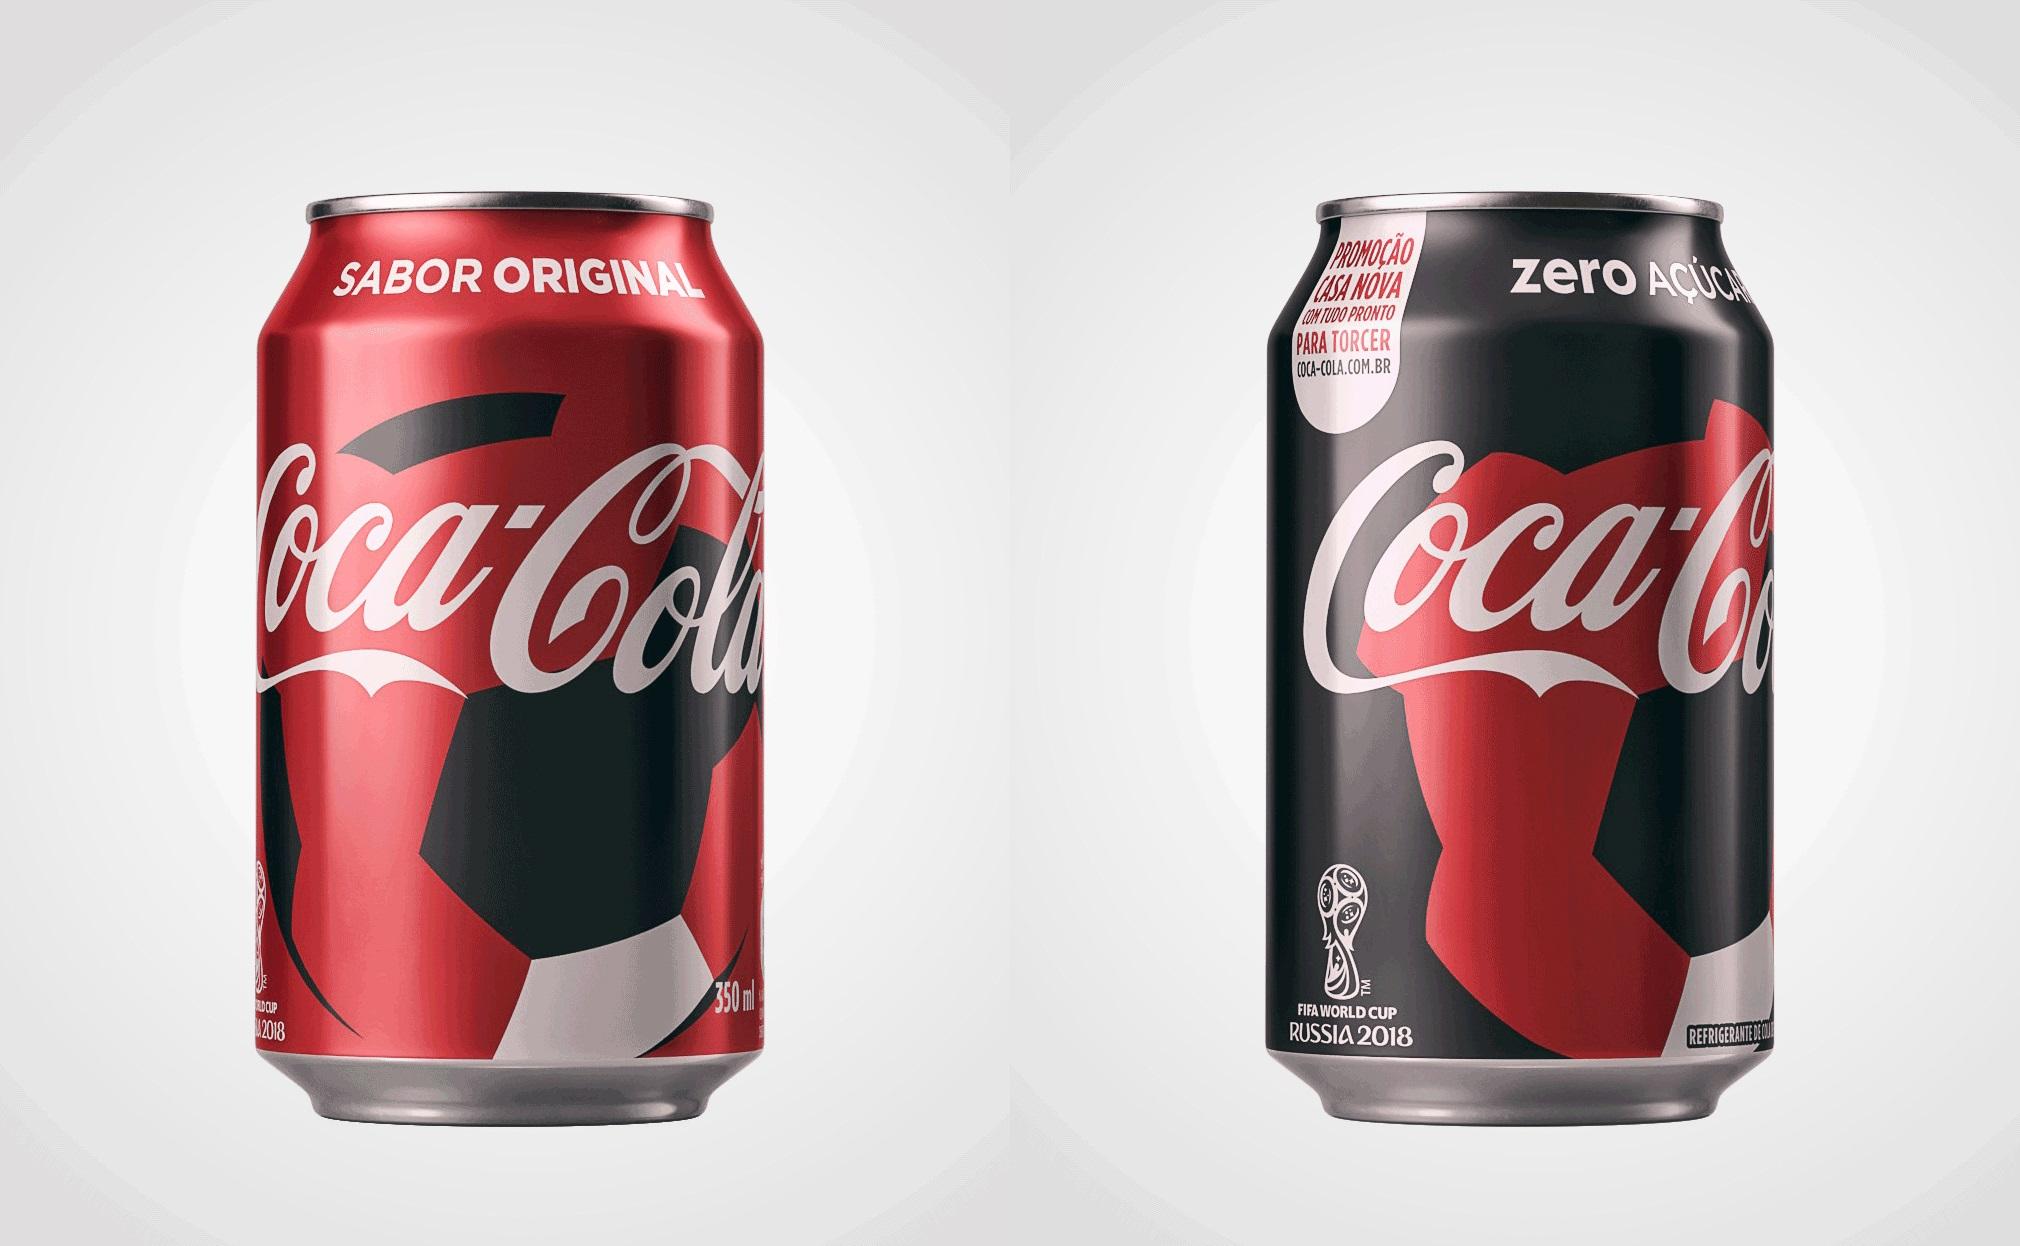 Latas Coca-Cola COPA 2018 - Promoção da Coca Cola vai dar uma casa Copa do Mundo